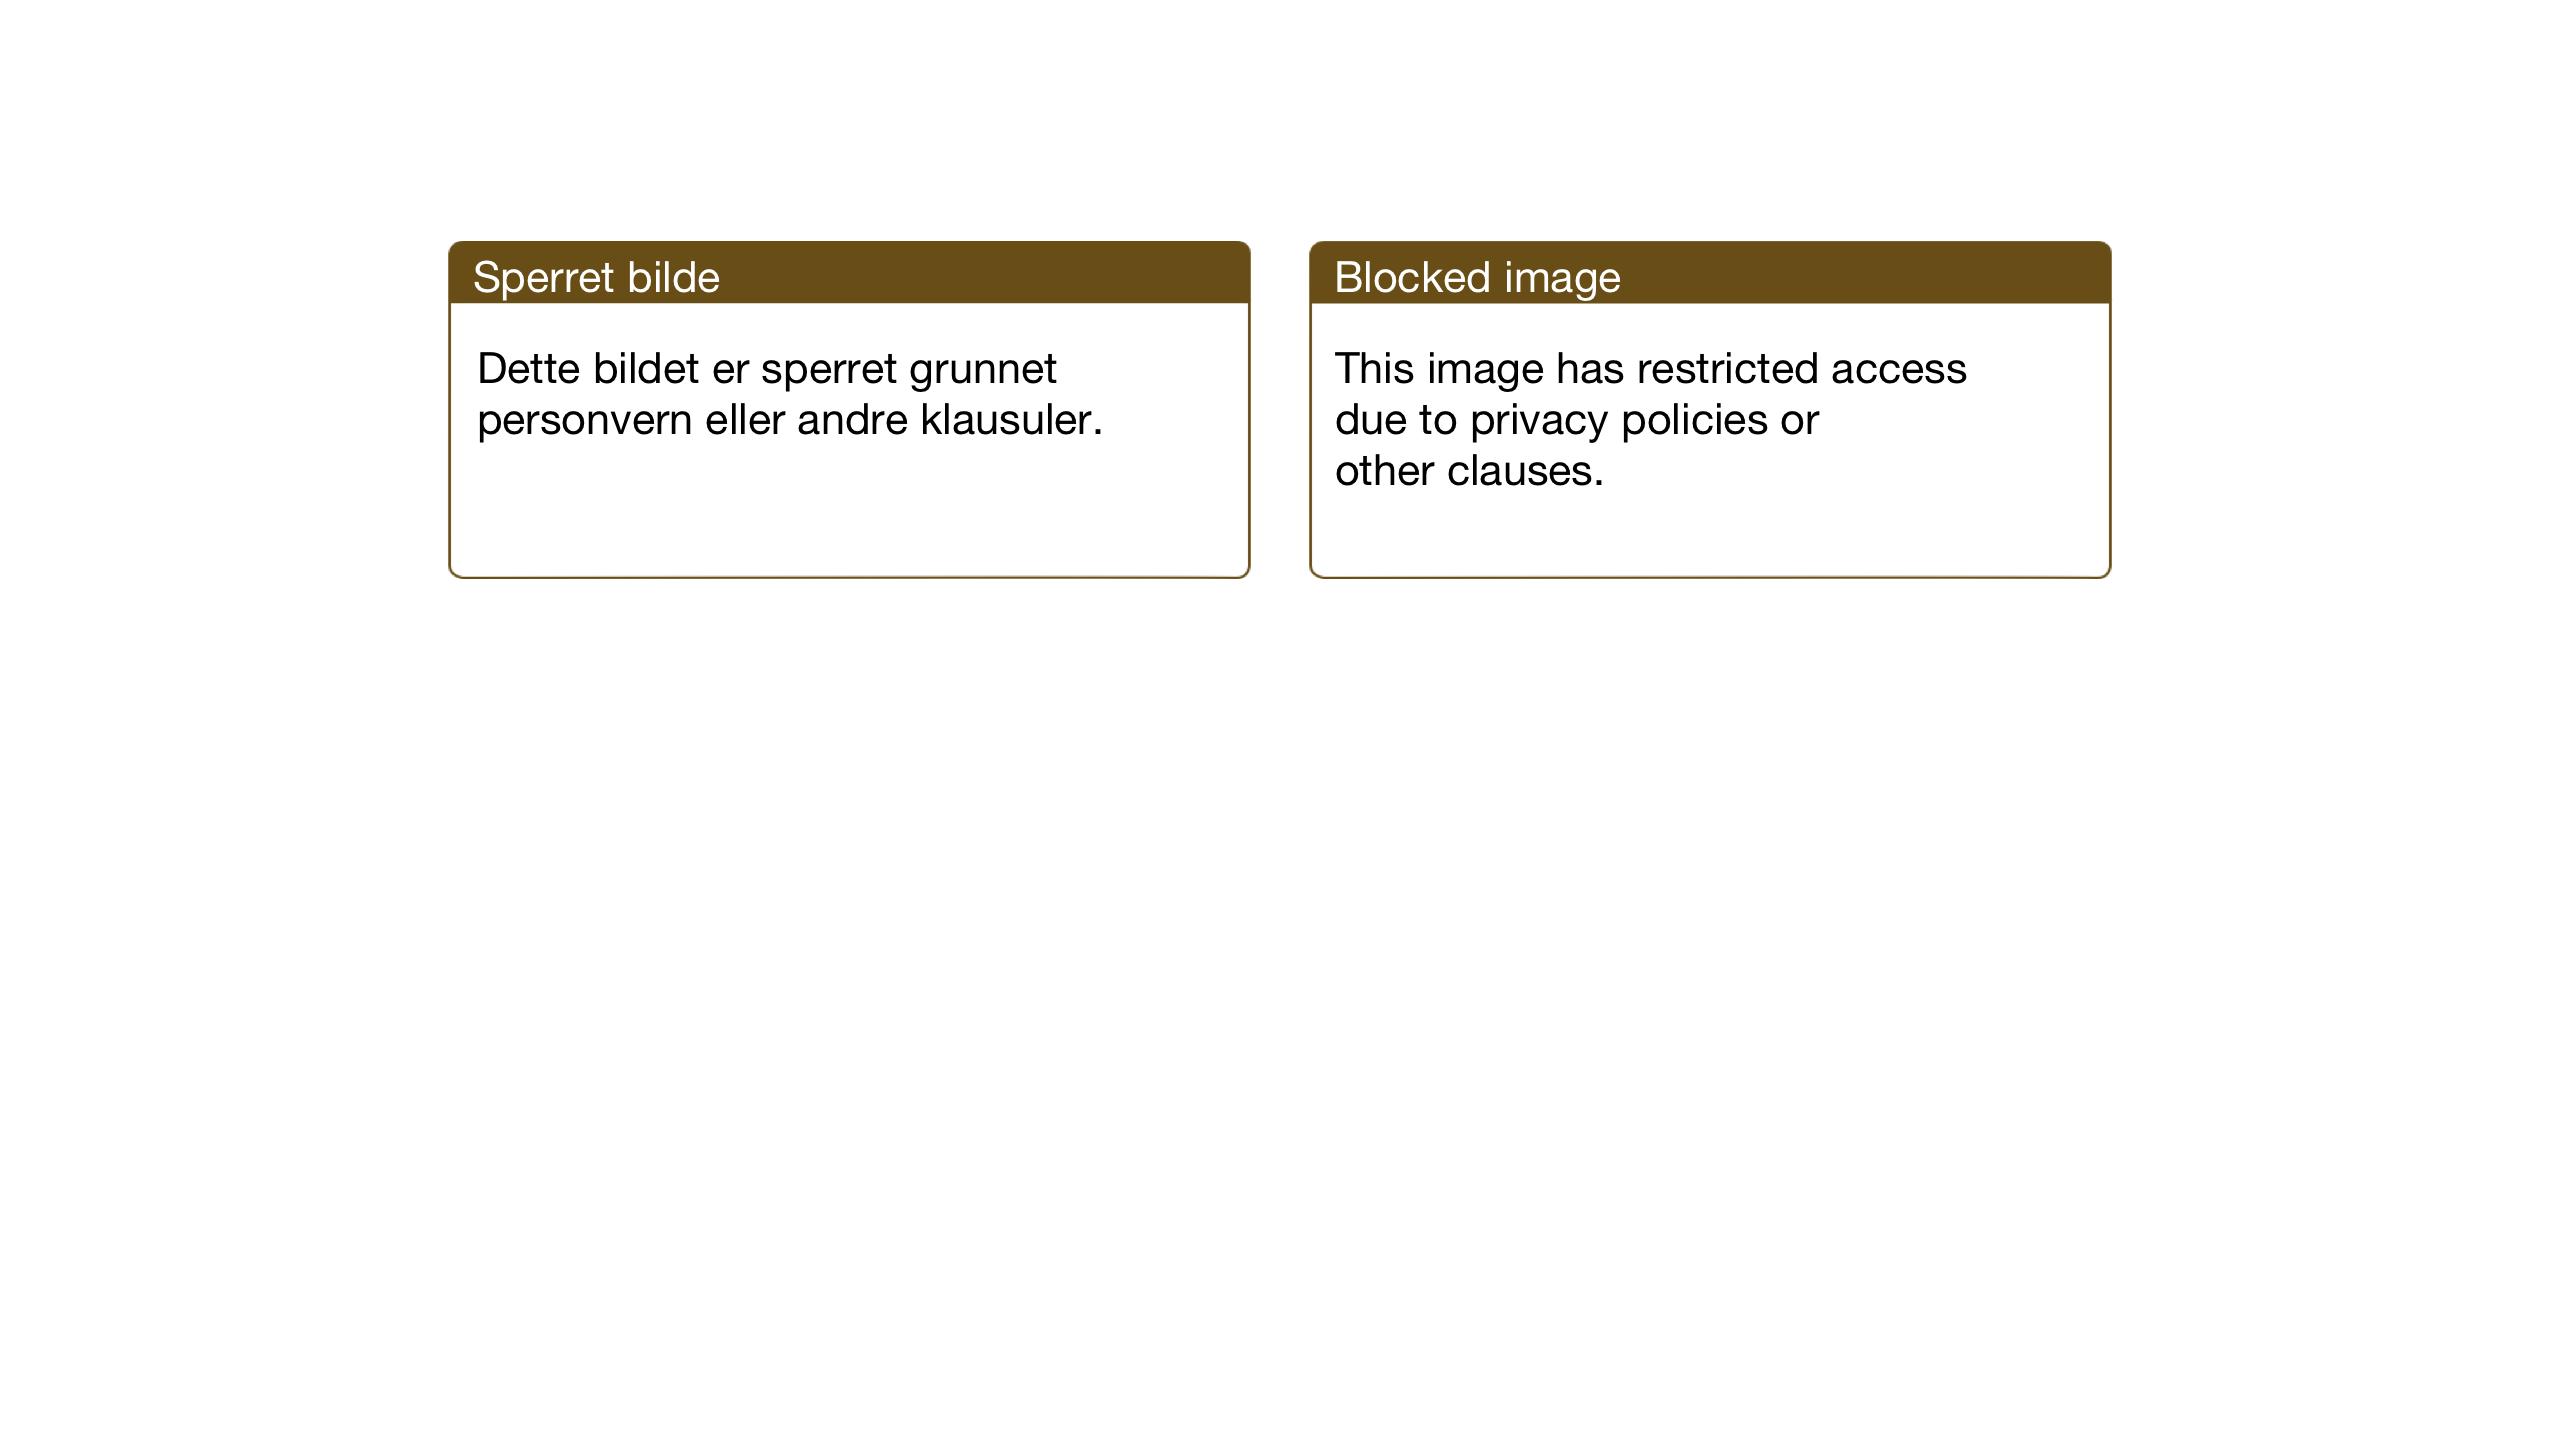 SAT, Ministerialprotokoller, klokkerbøker og fødselsregistre - Sør-Trøndelag, 603/L0174: Klokkerbok nr. 603C02, 1923-1951, s. 123